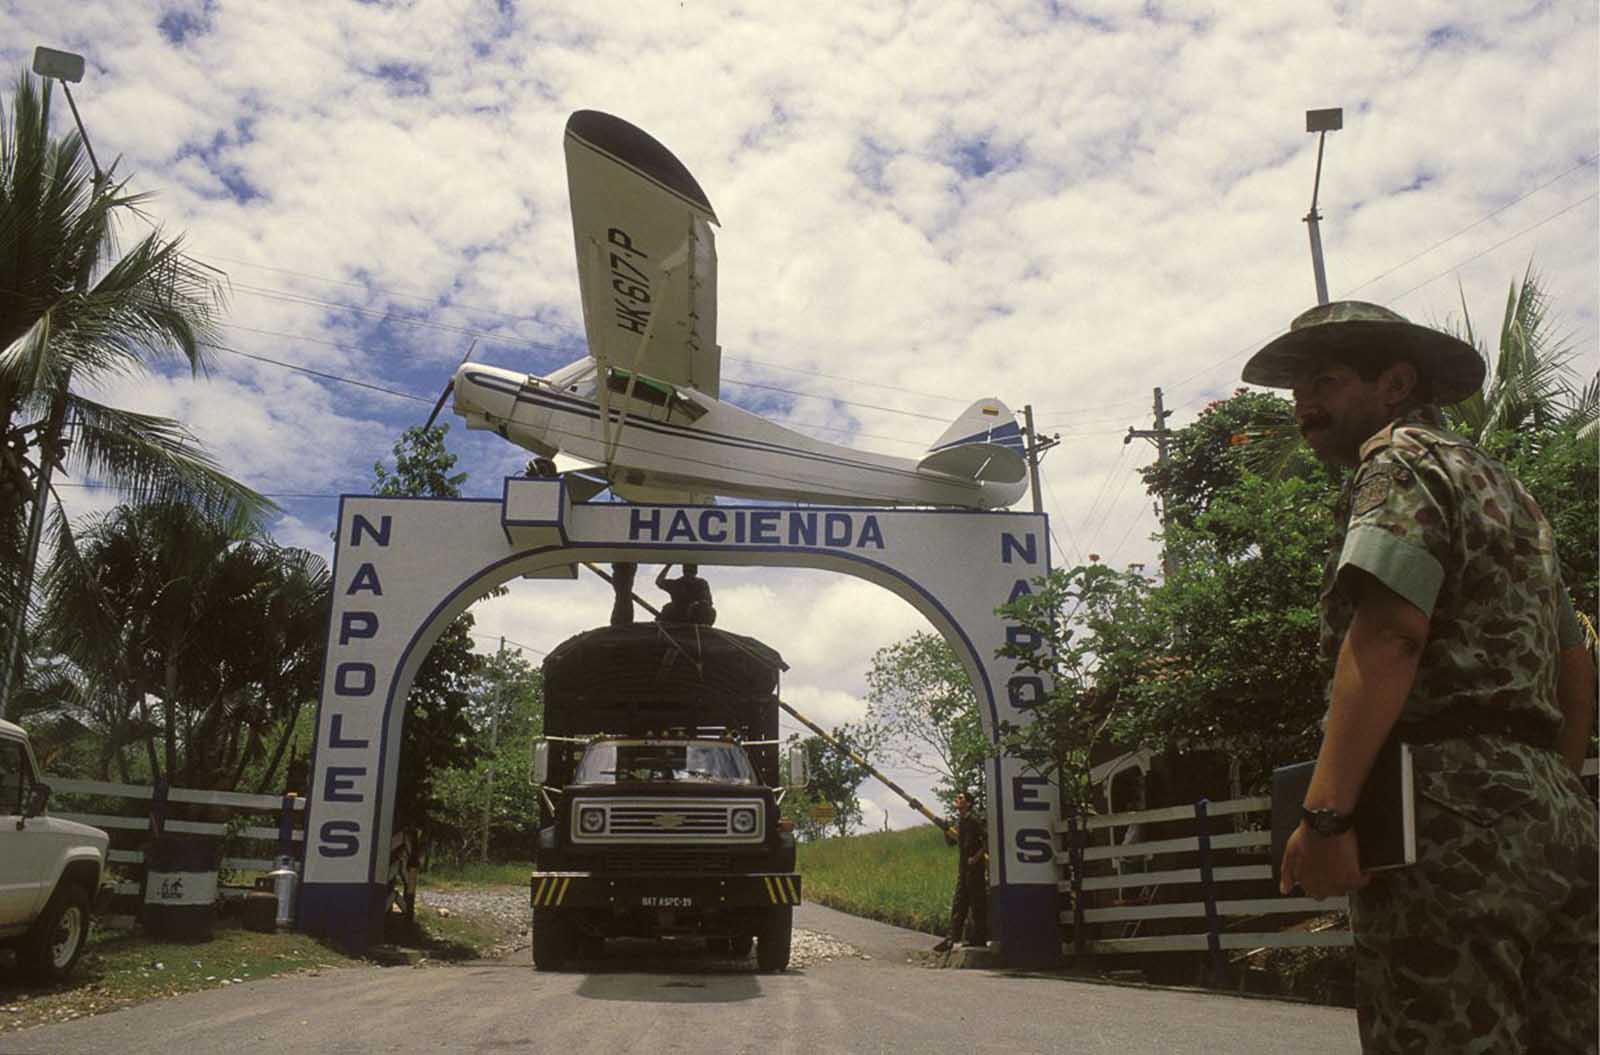 La entrada a la hacienda está decorada con una réplica del avión Piper, que transportó el primer envío de cocaína de Escobar a los Estados Unidos.